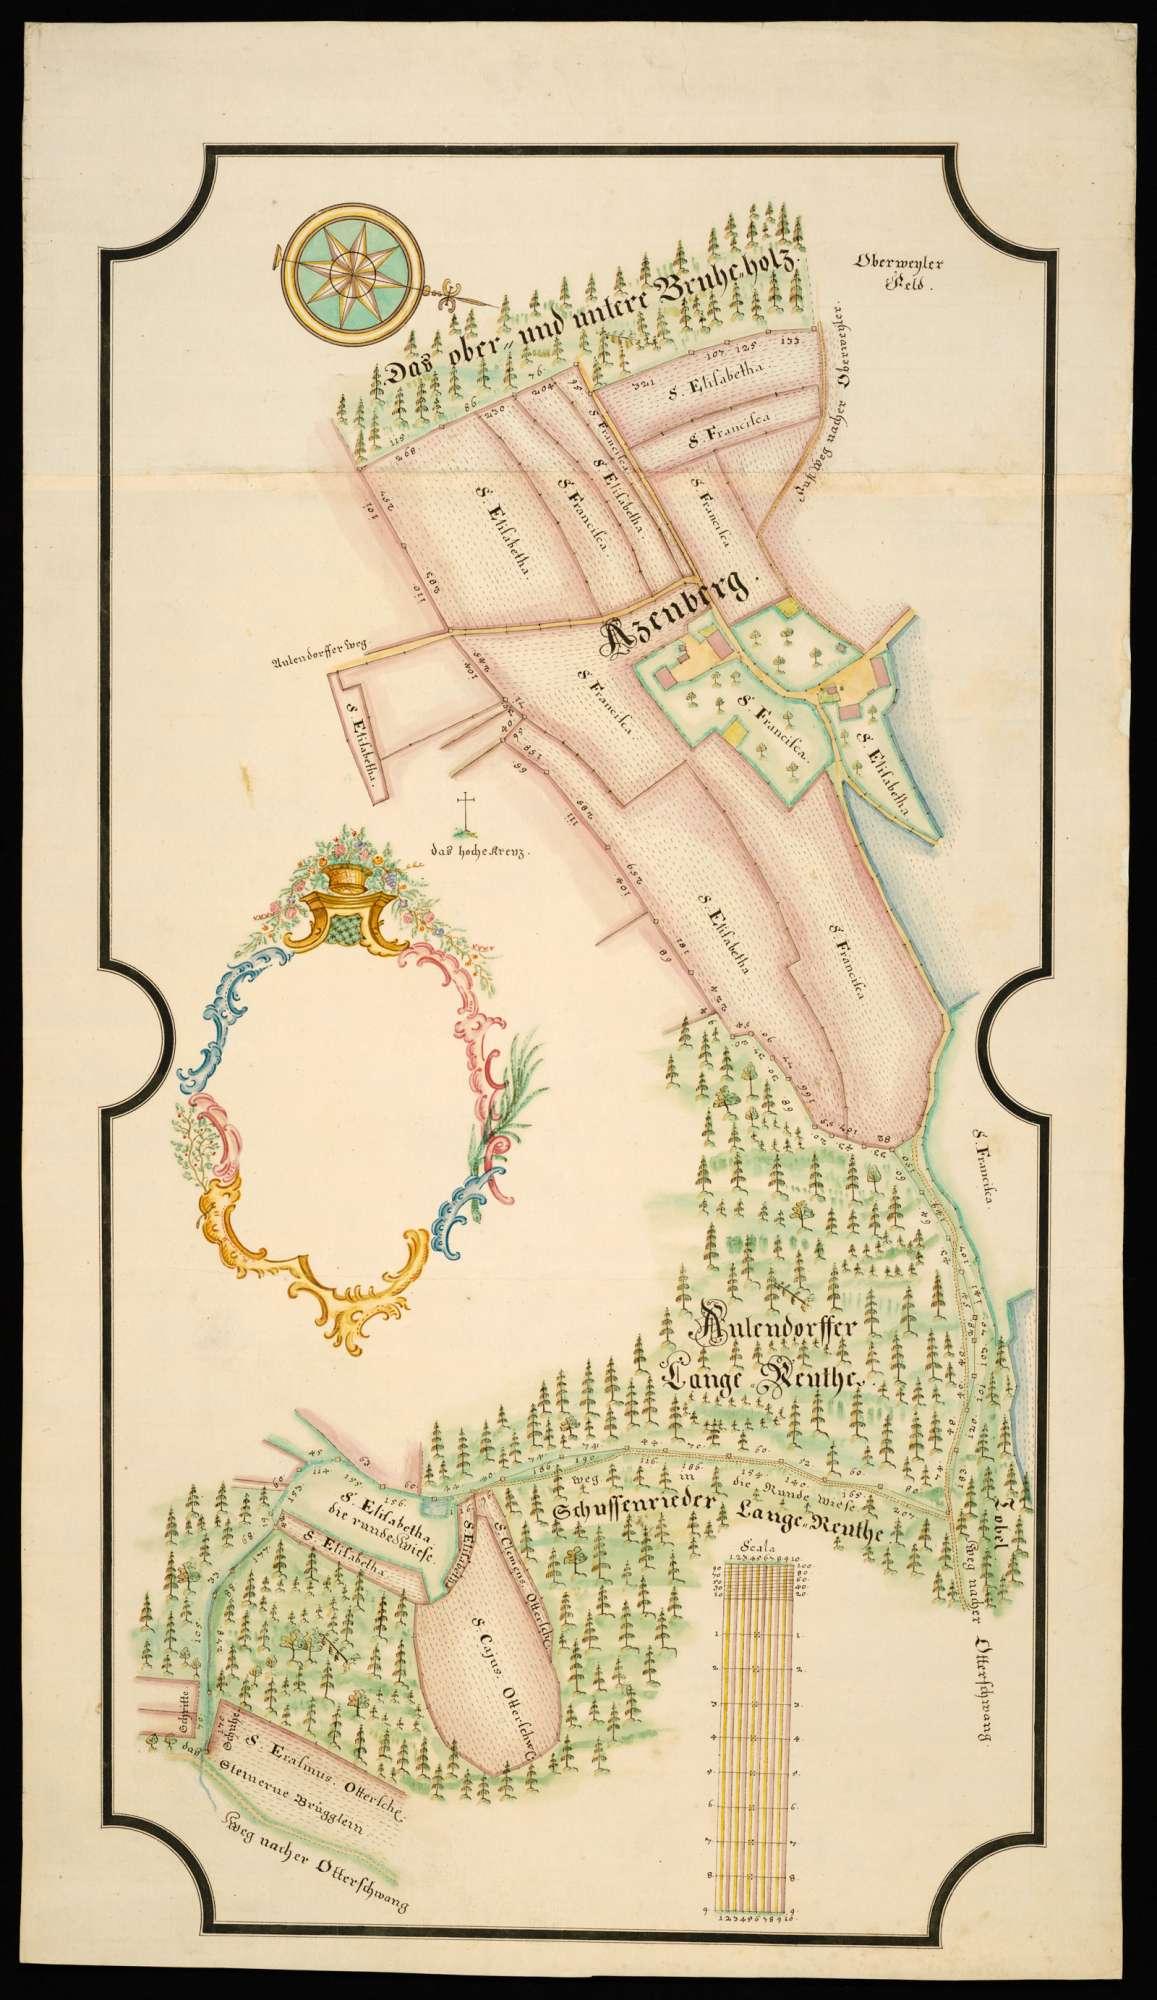 """Atzenberg [Ausschnittkarte über die bei Atzenberg gelegenen Waldungen """"Das obere und untere Bruheholz"""" und die """"lange Reute"""" und die Besitzverhältnisse daselbst, Bild 2"""